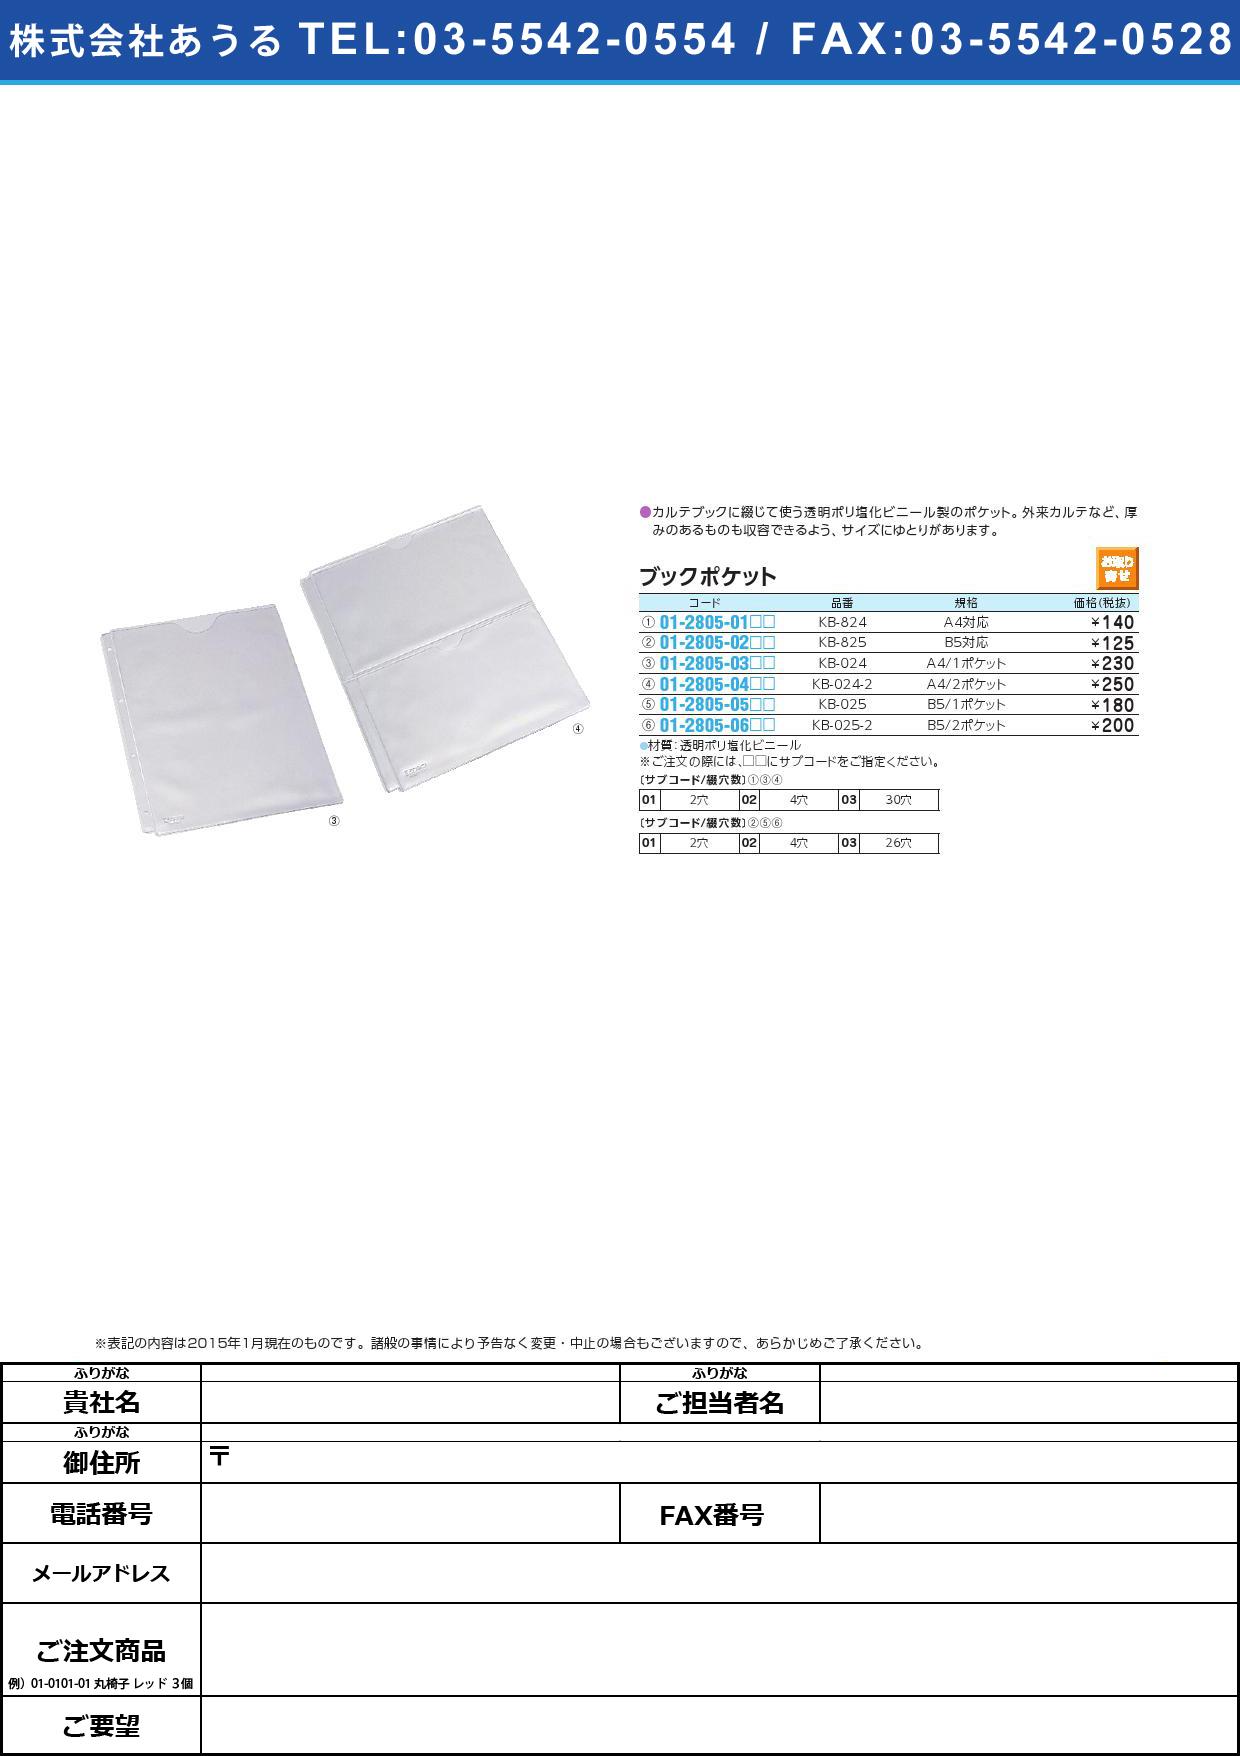 (01-2805-05)ブックポケット(B5/1ポケット) KB025(01-2805-05)KB-025綴穴数:26穴【1枚単位】【2015年カタログ商品】